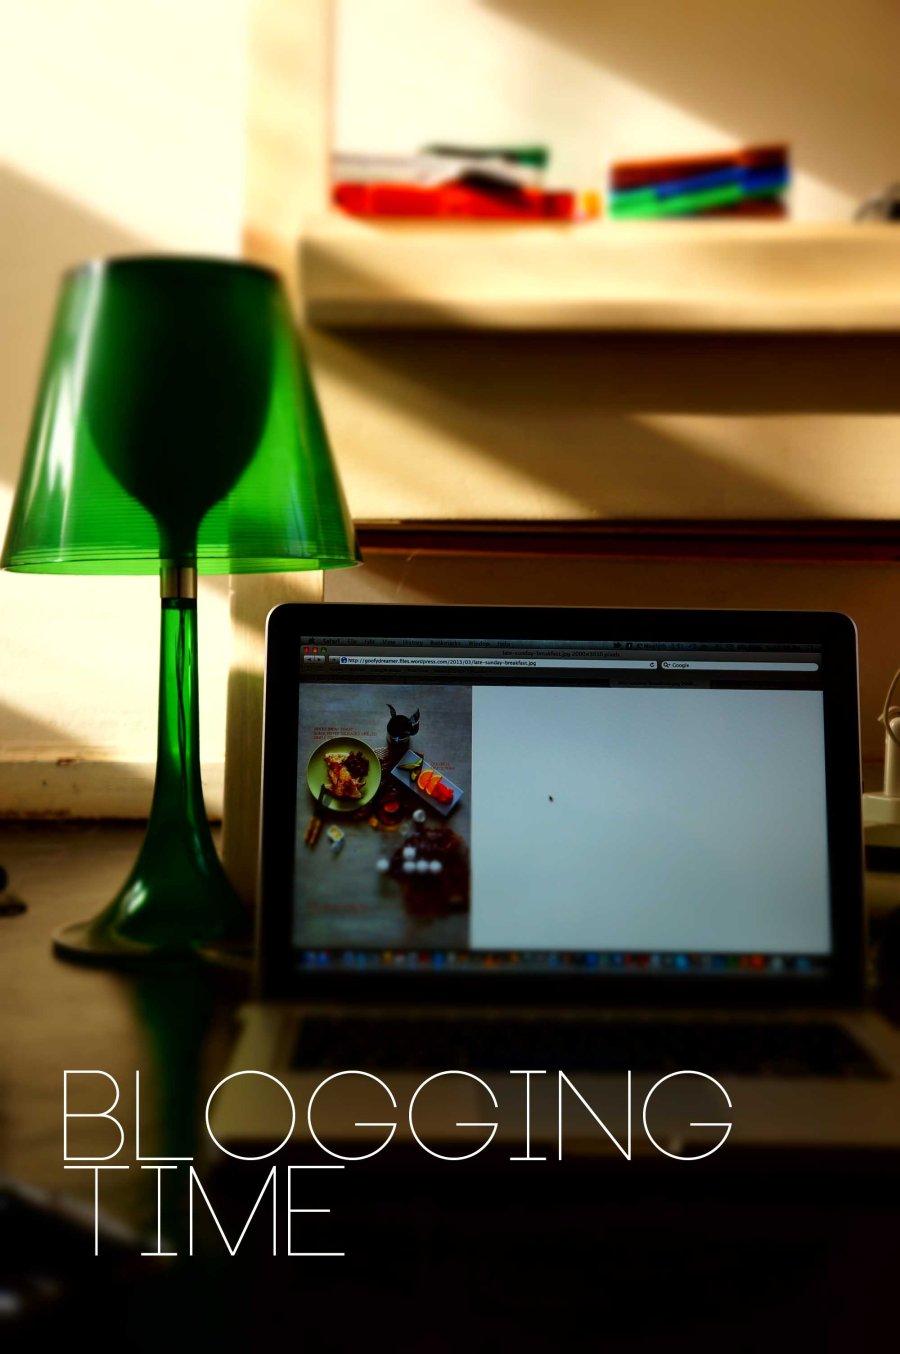 Blogging Time